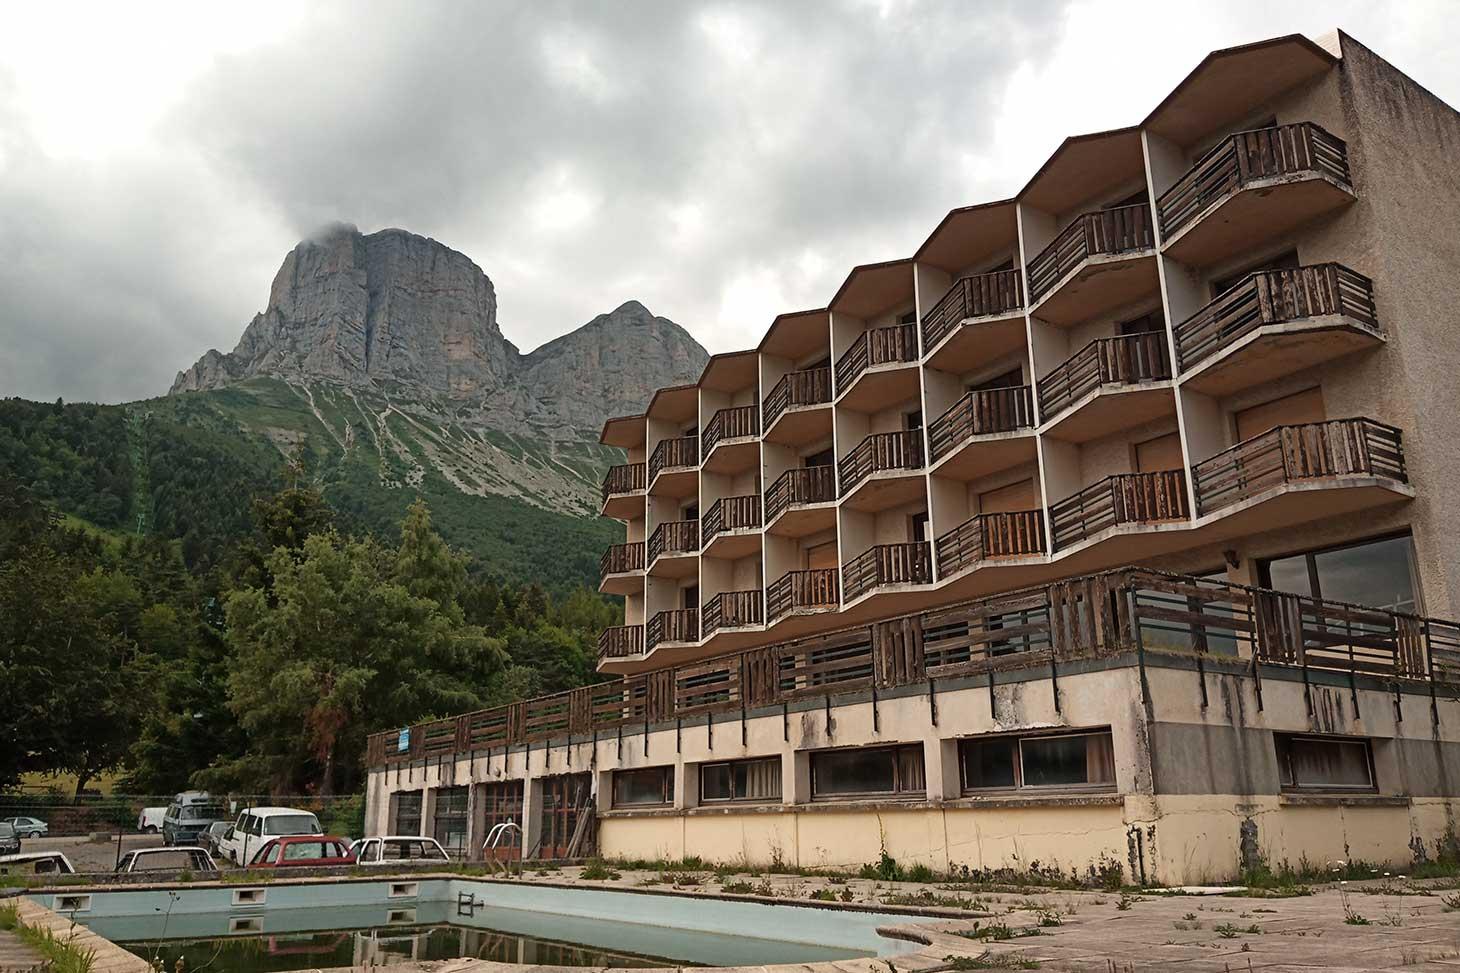 L'hotel de l'Arzellier © ENSAG